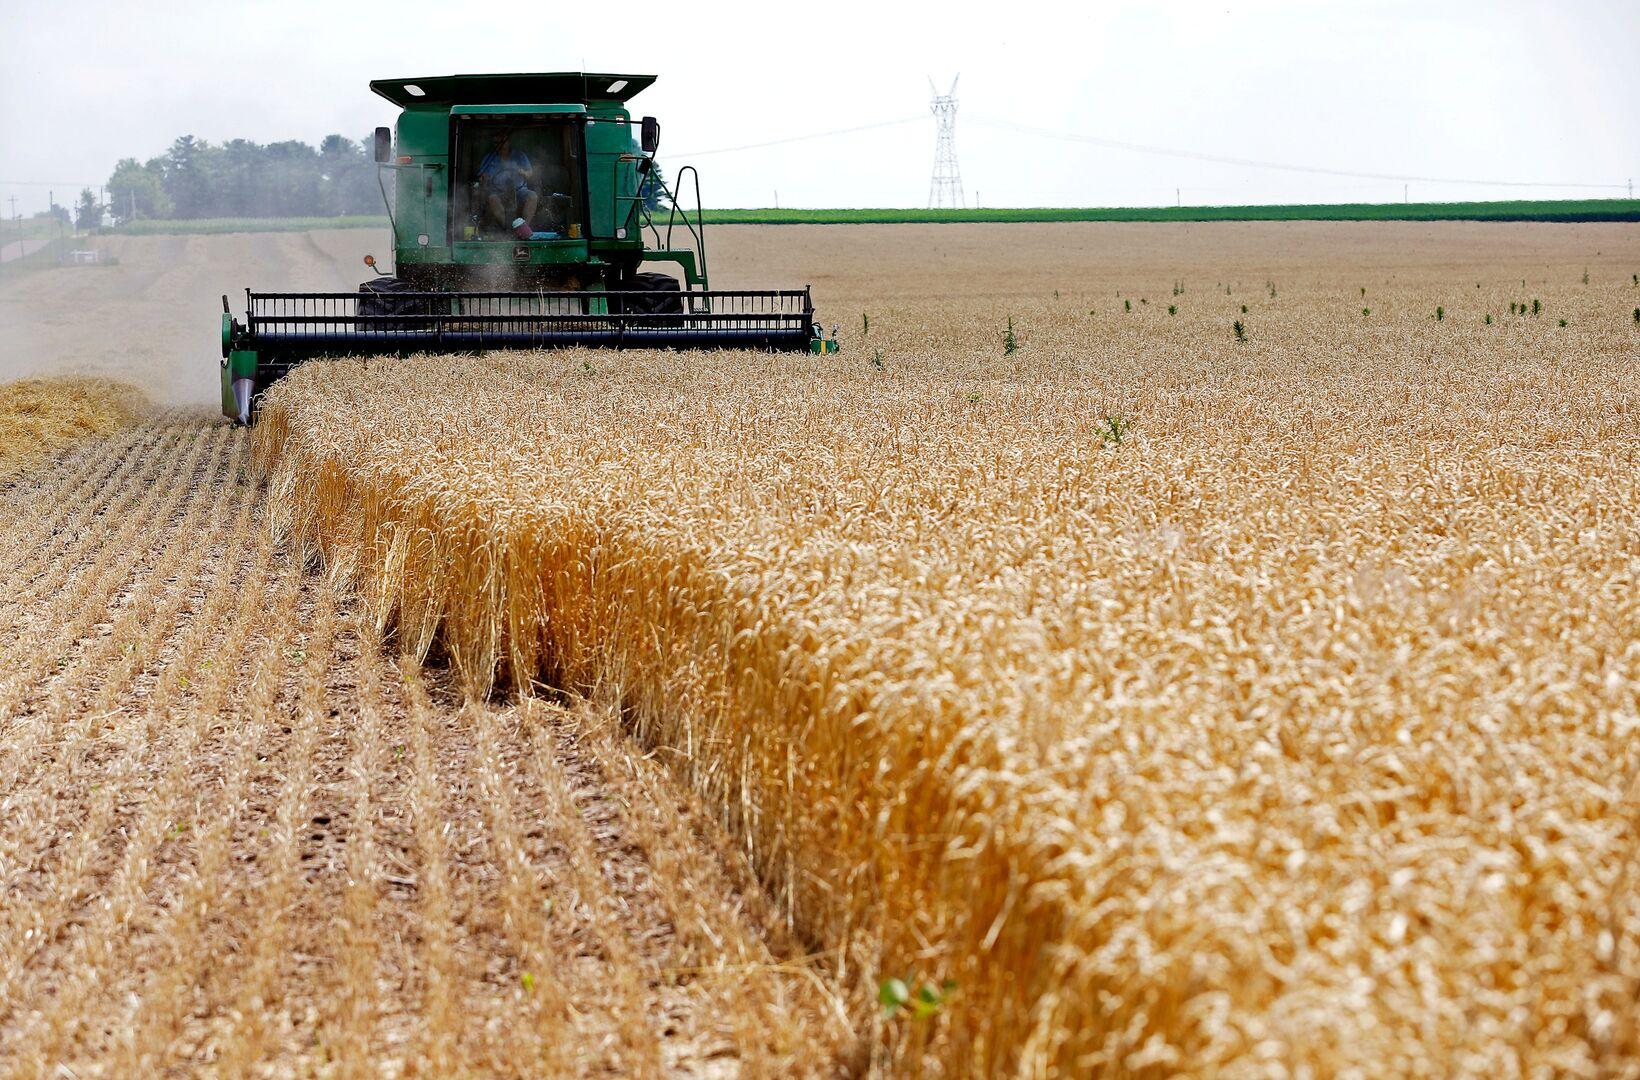 روسيا تطرح أفضل العروض في مناقصة مصرية لشراء القمح